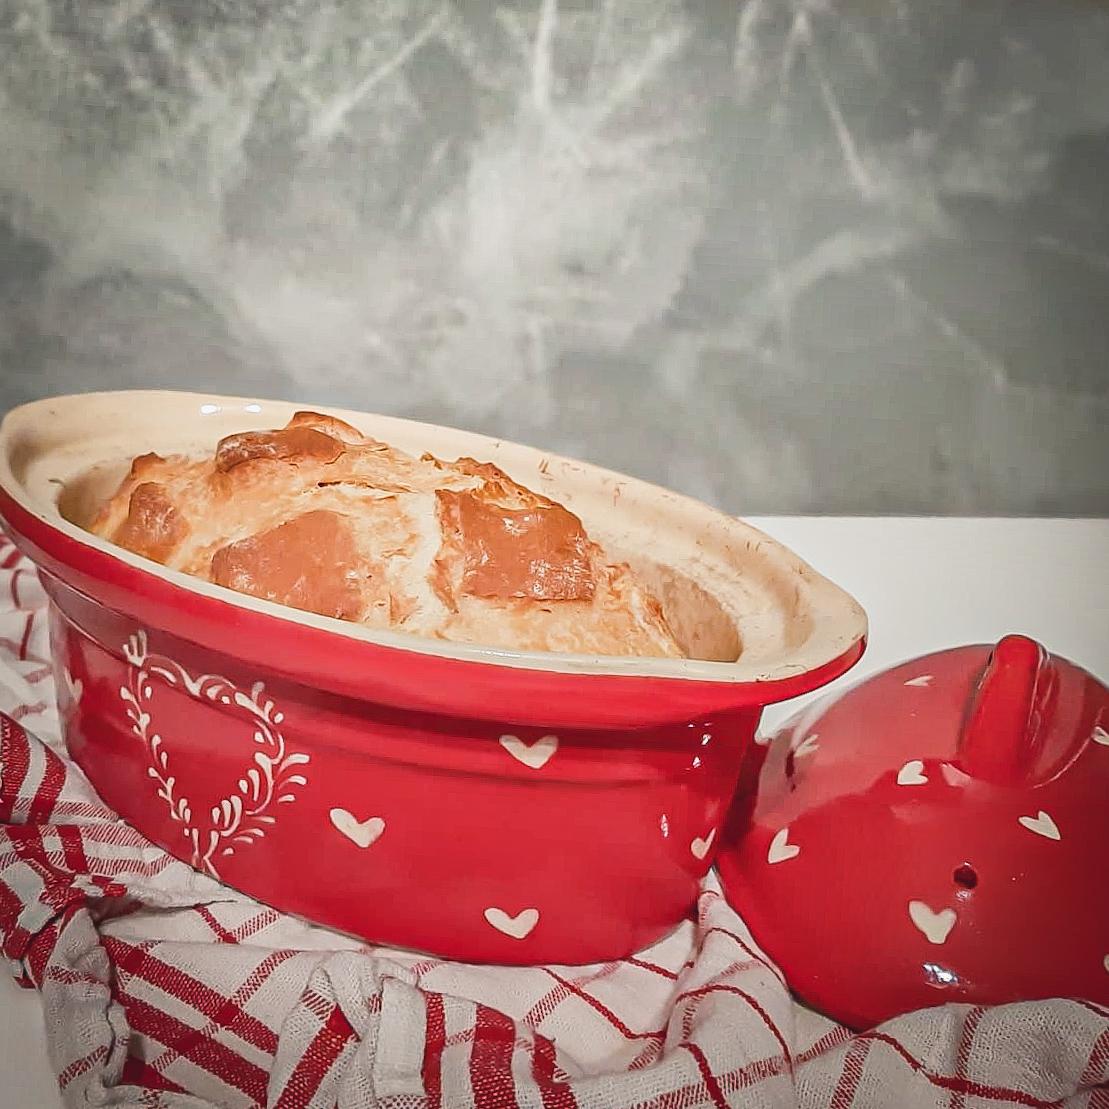 Recette de pain en cocotte